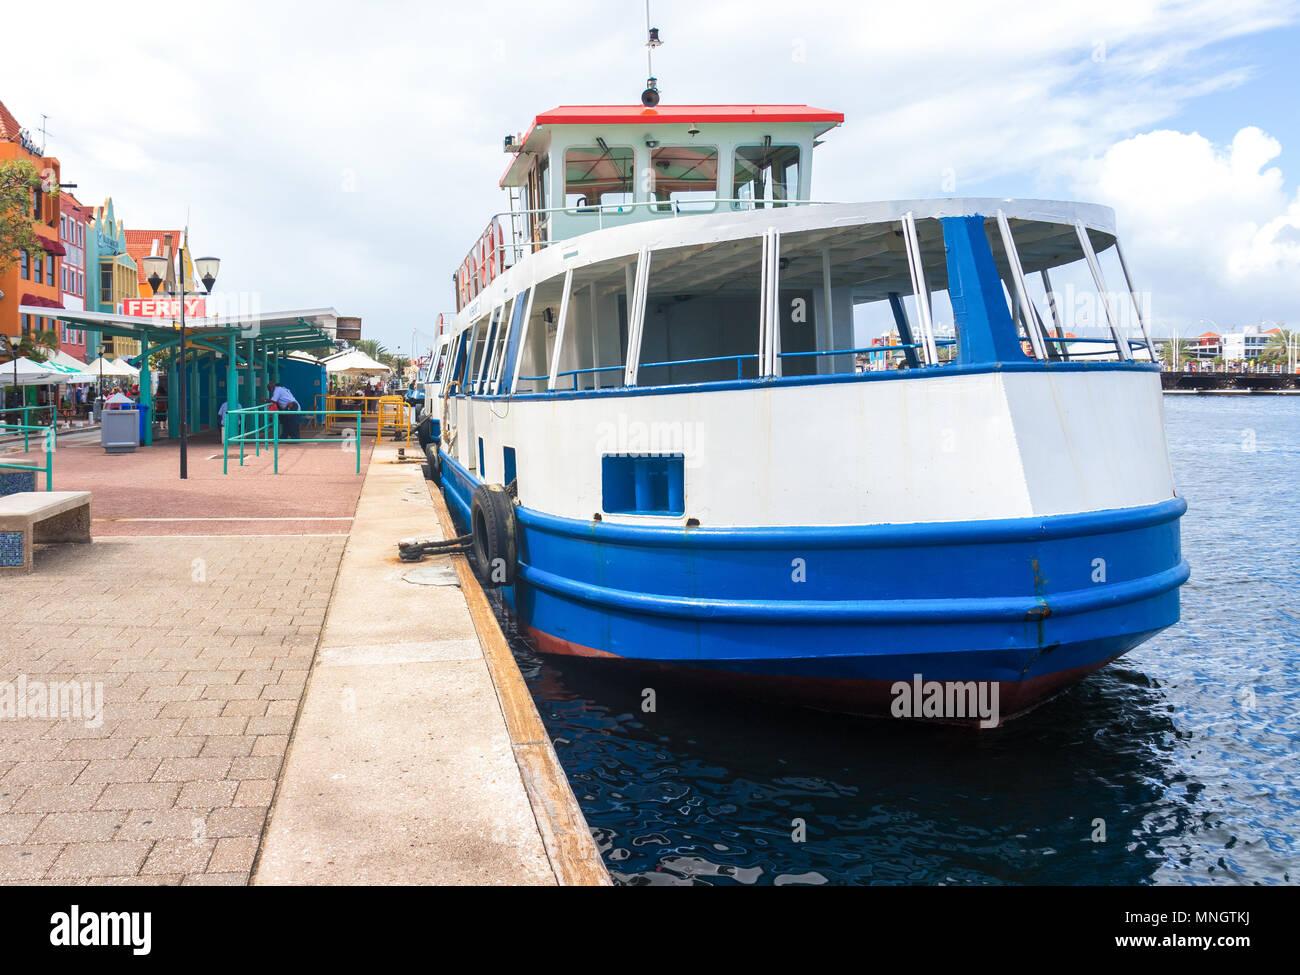 Willemstad, Curacao, 26. Dez 2016 - Fähre in Willemstad Stockbild